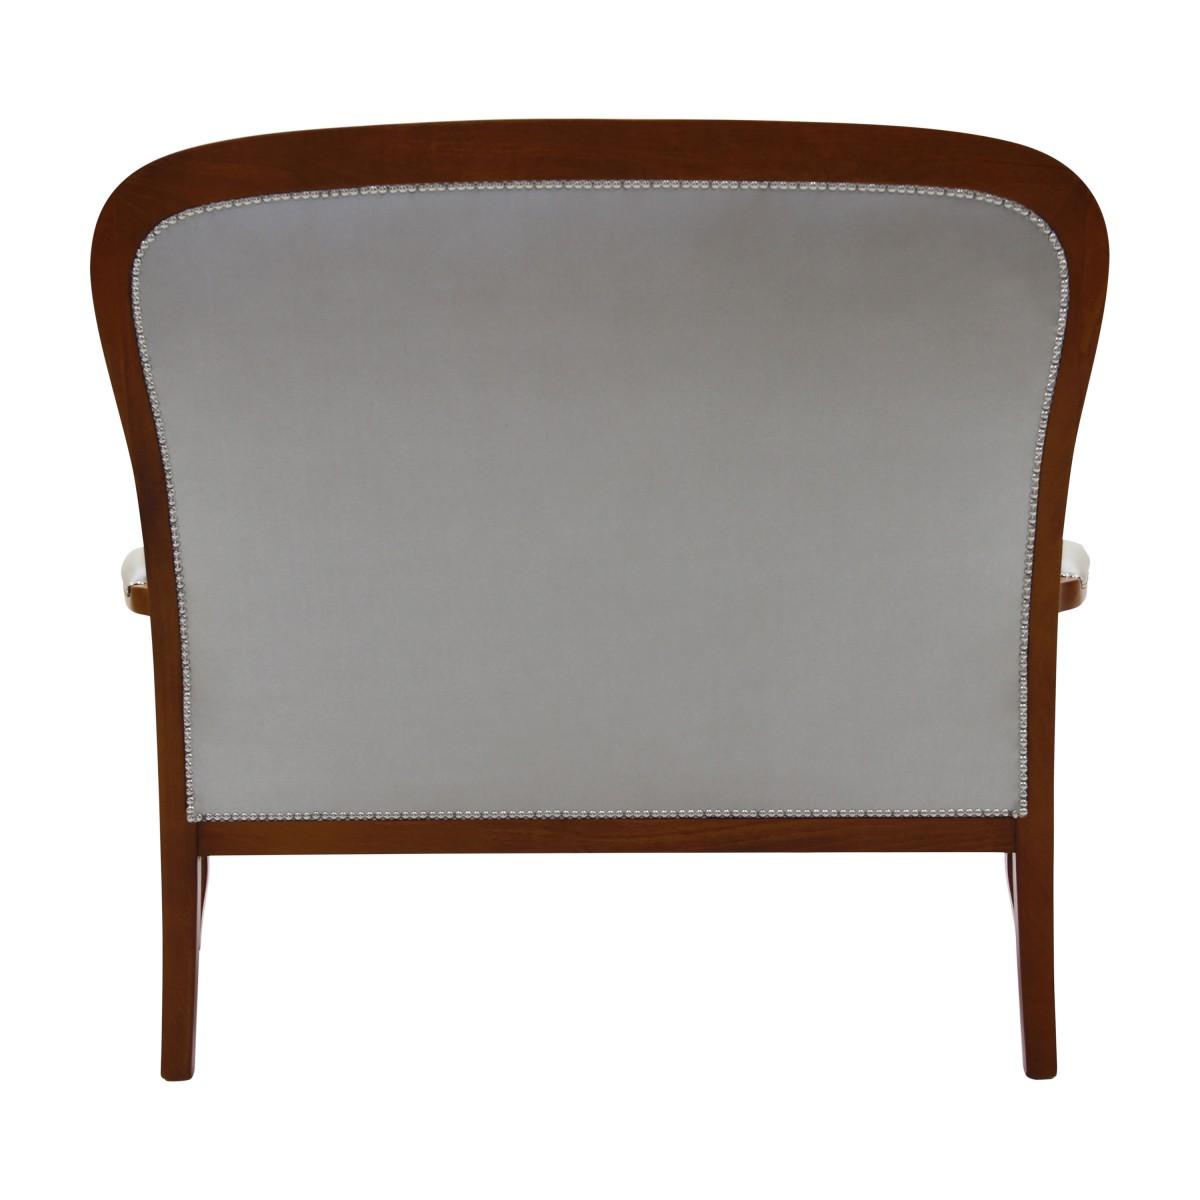 2 Seater sofa Cambridge - Sevensedie